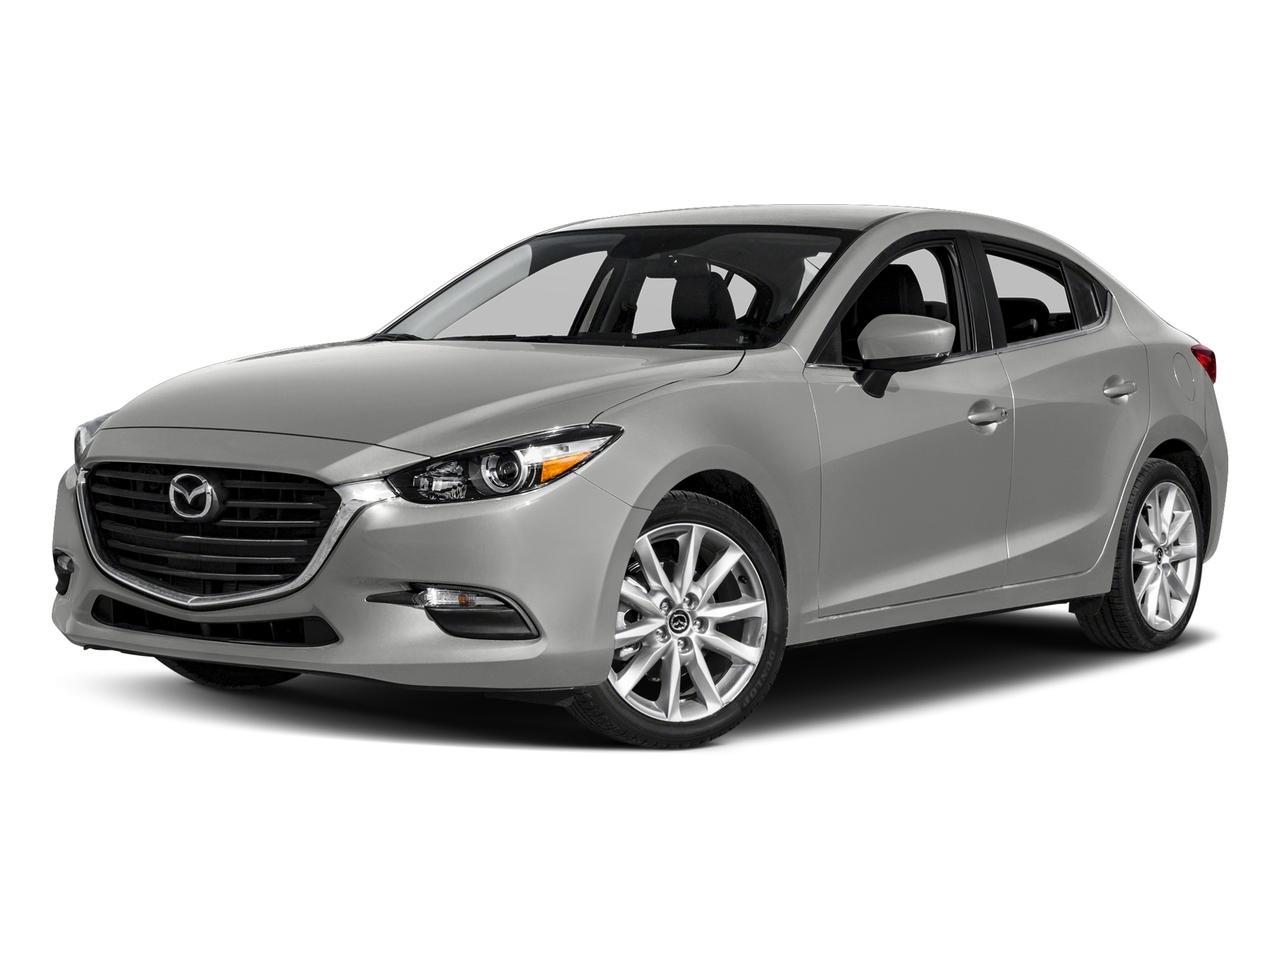 2017 Mazda Mazda3 4-Door Vehicle Photo in Ocala, FL 34474